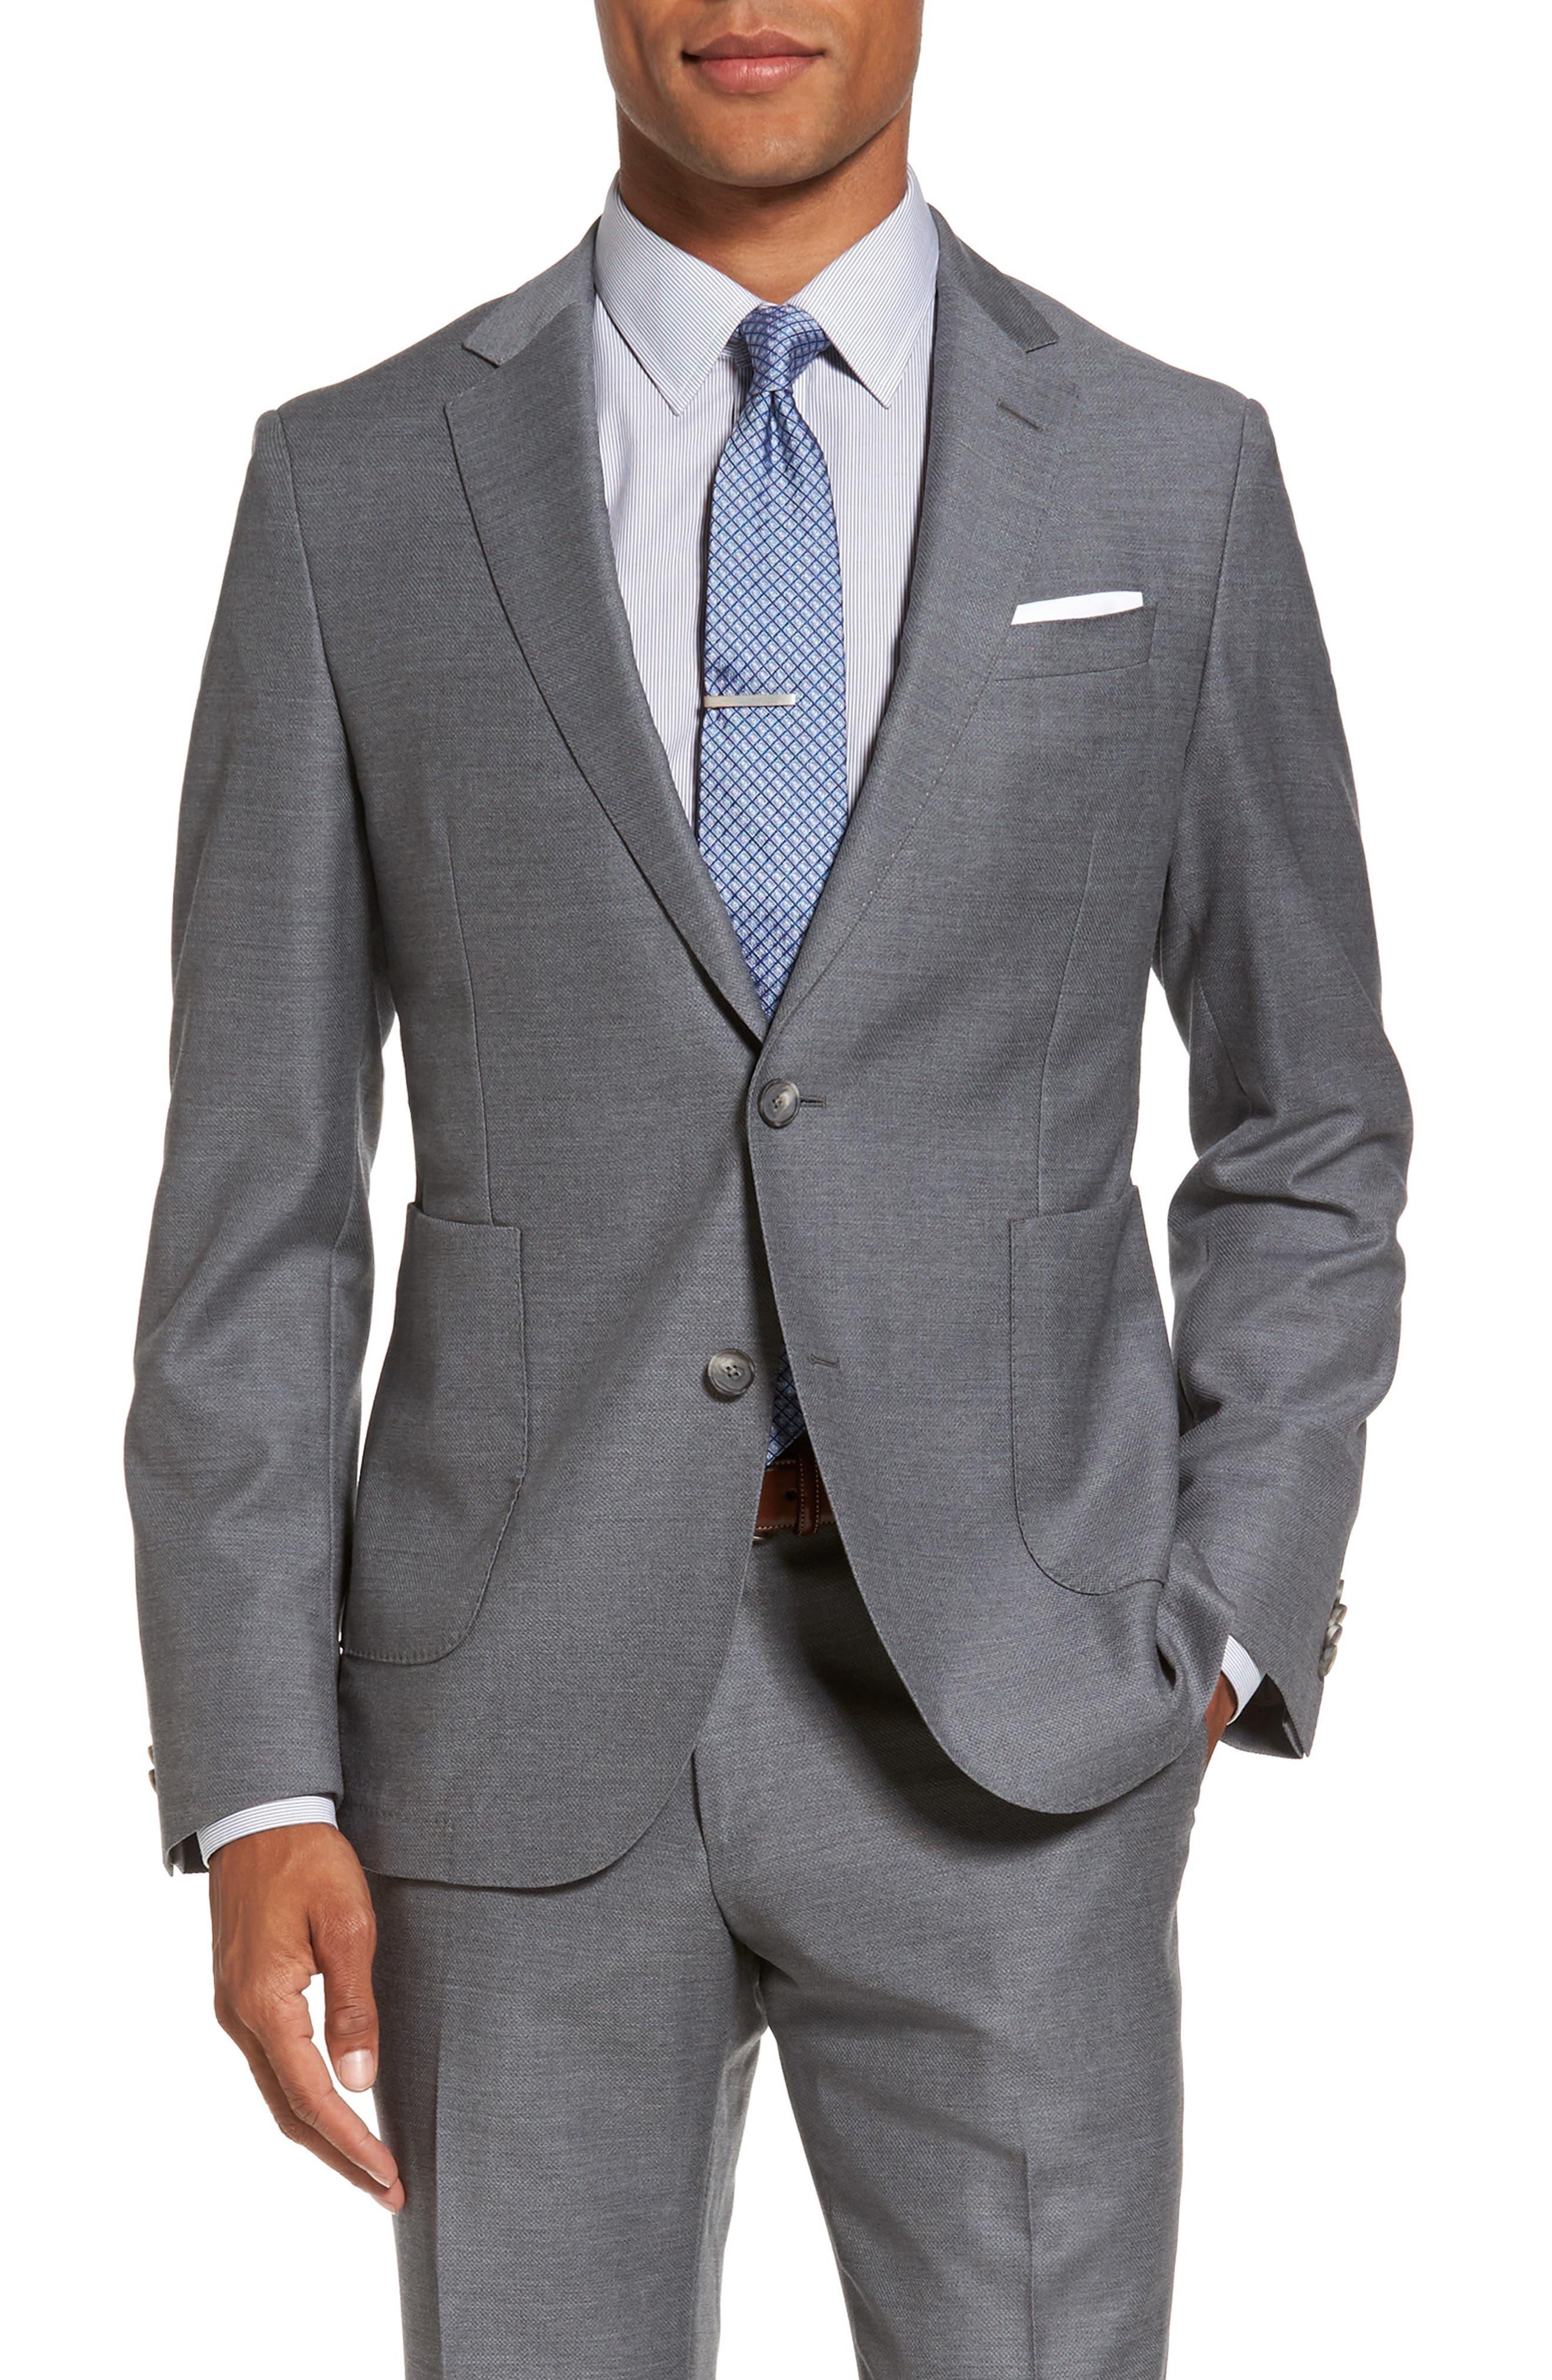 Novan/Ben Classic Fit Suit,                             Alternate thumbnail 5, color,